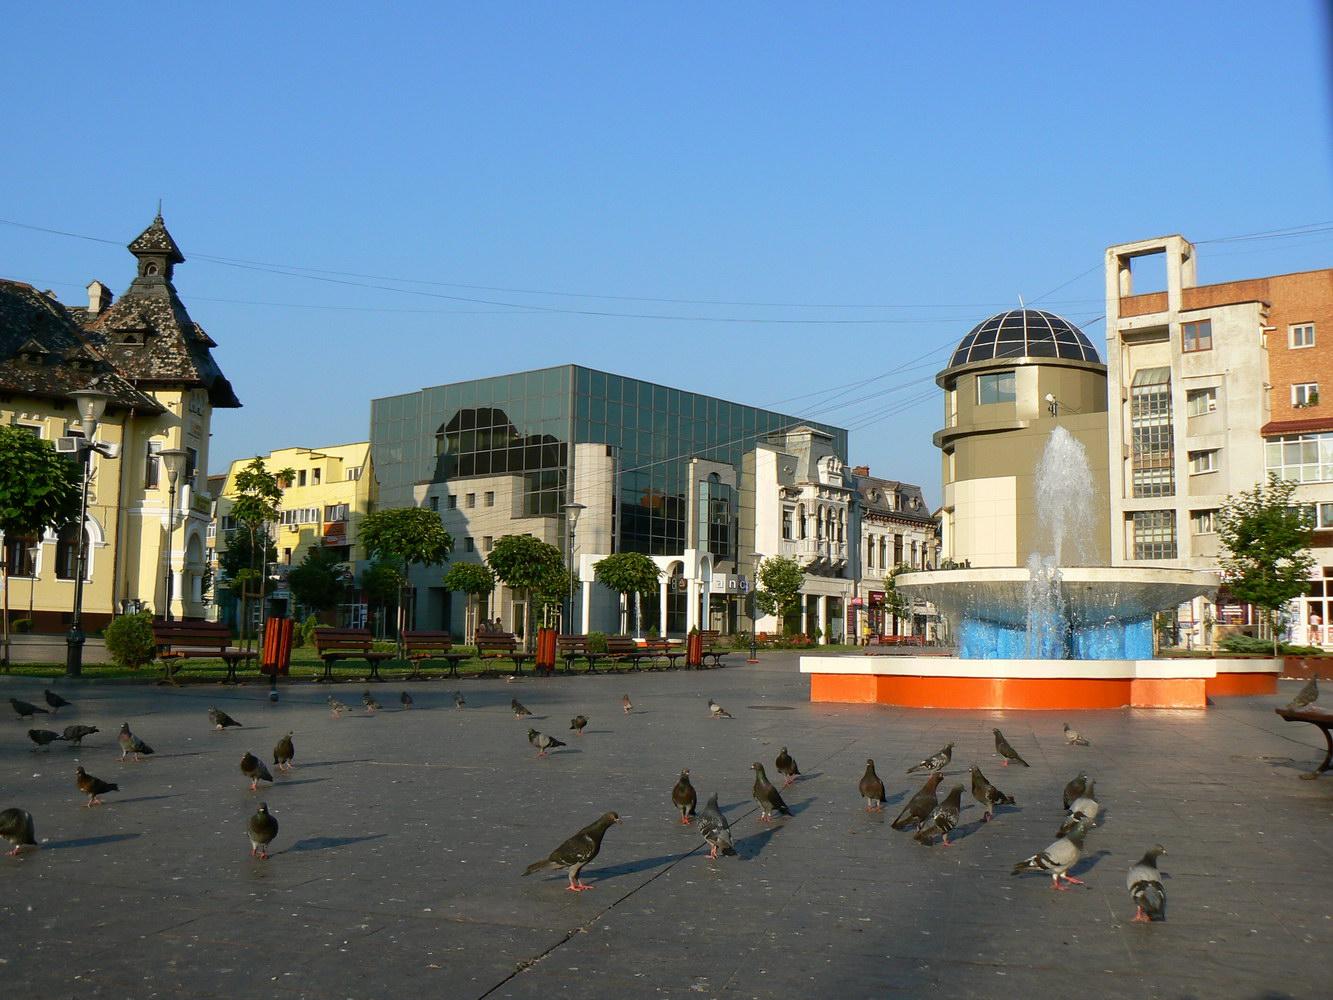 Locatii din Targu Jiu pentru sedintele de nunta foto si video